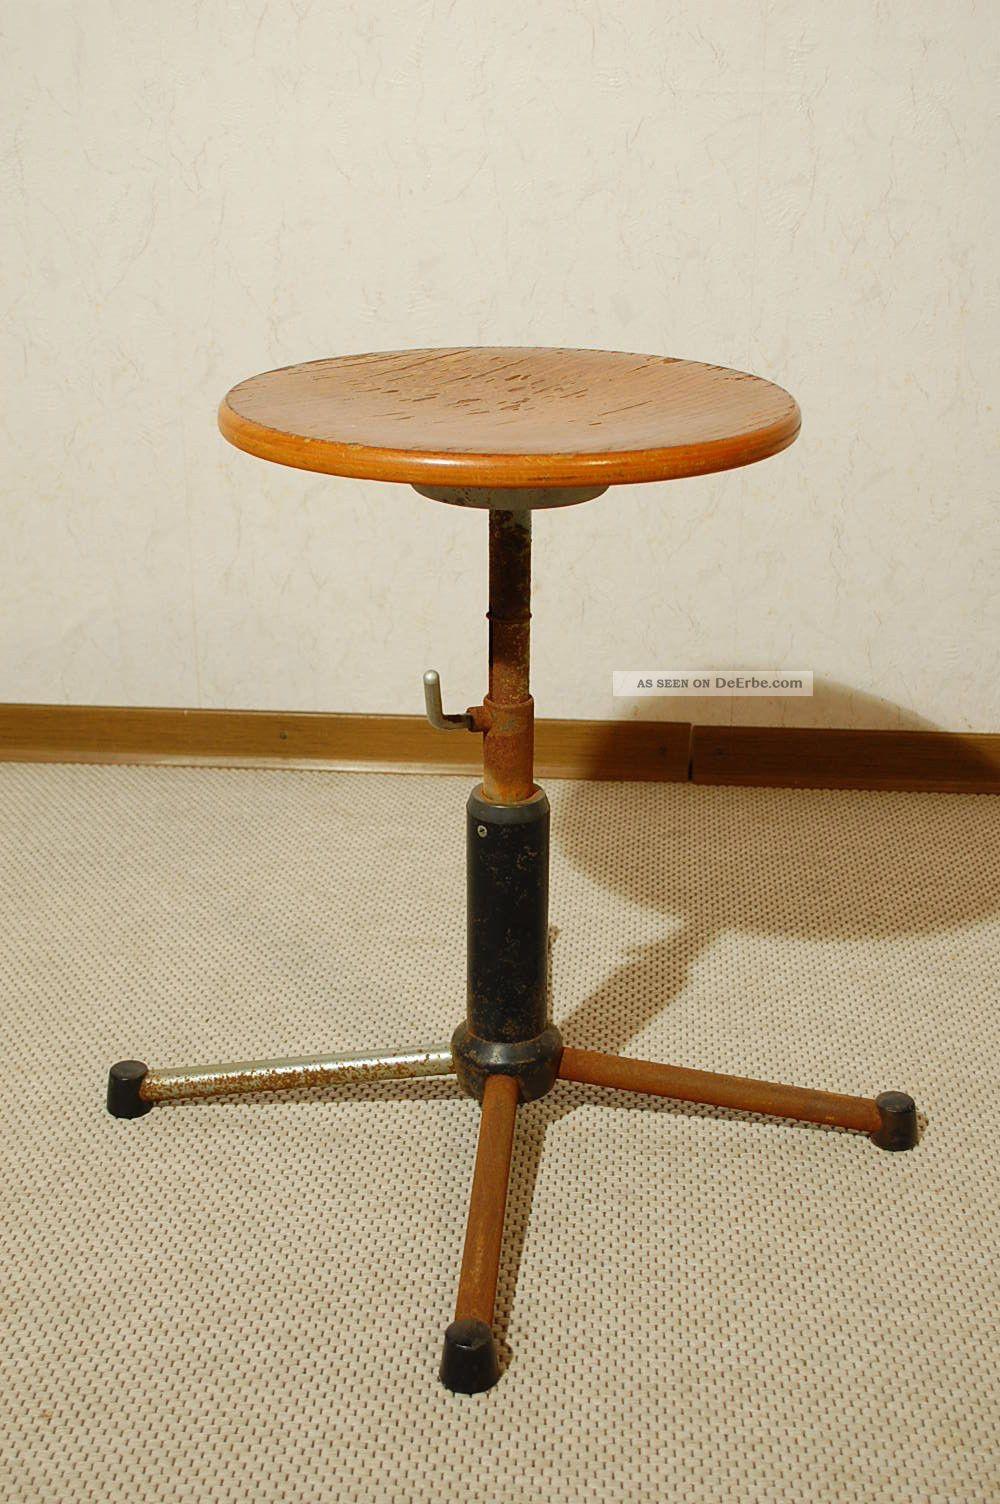 hocker wilde spieth 50er jahre design egon eiermann chair stuhl teak. Black Bedroom Furniture Sets. Home Design Ideas